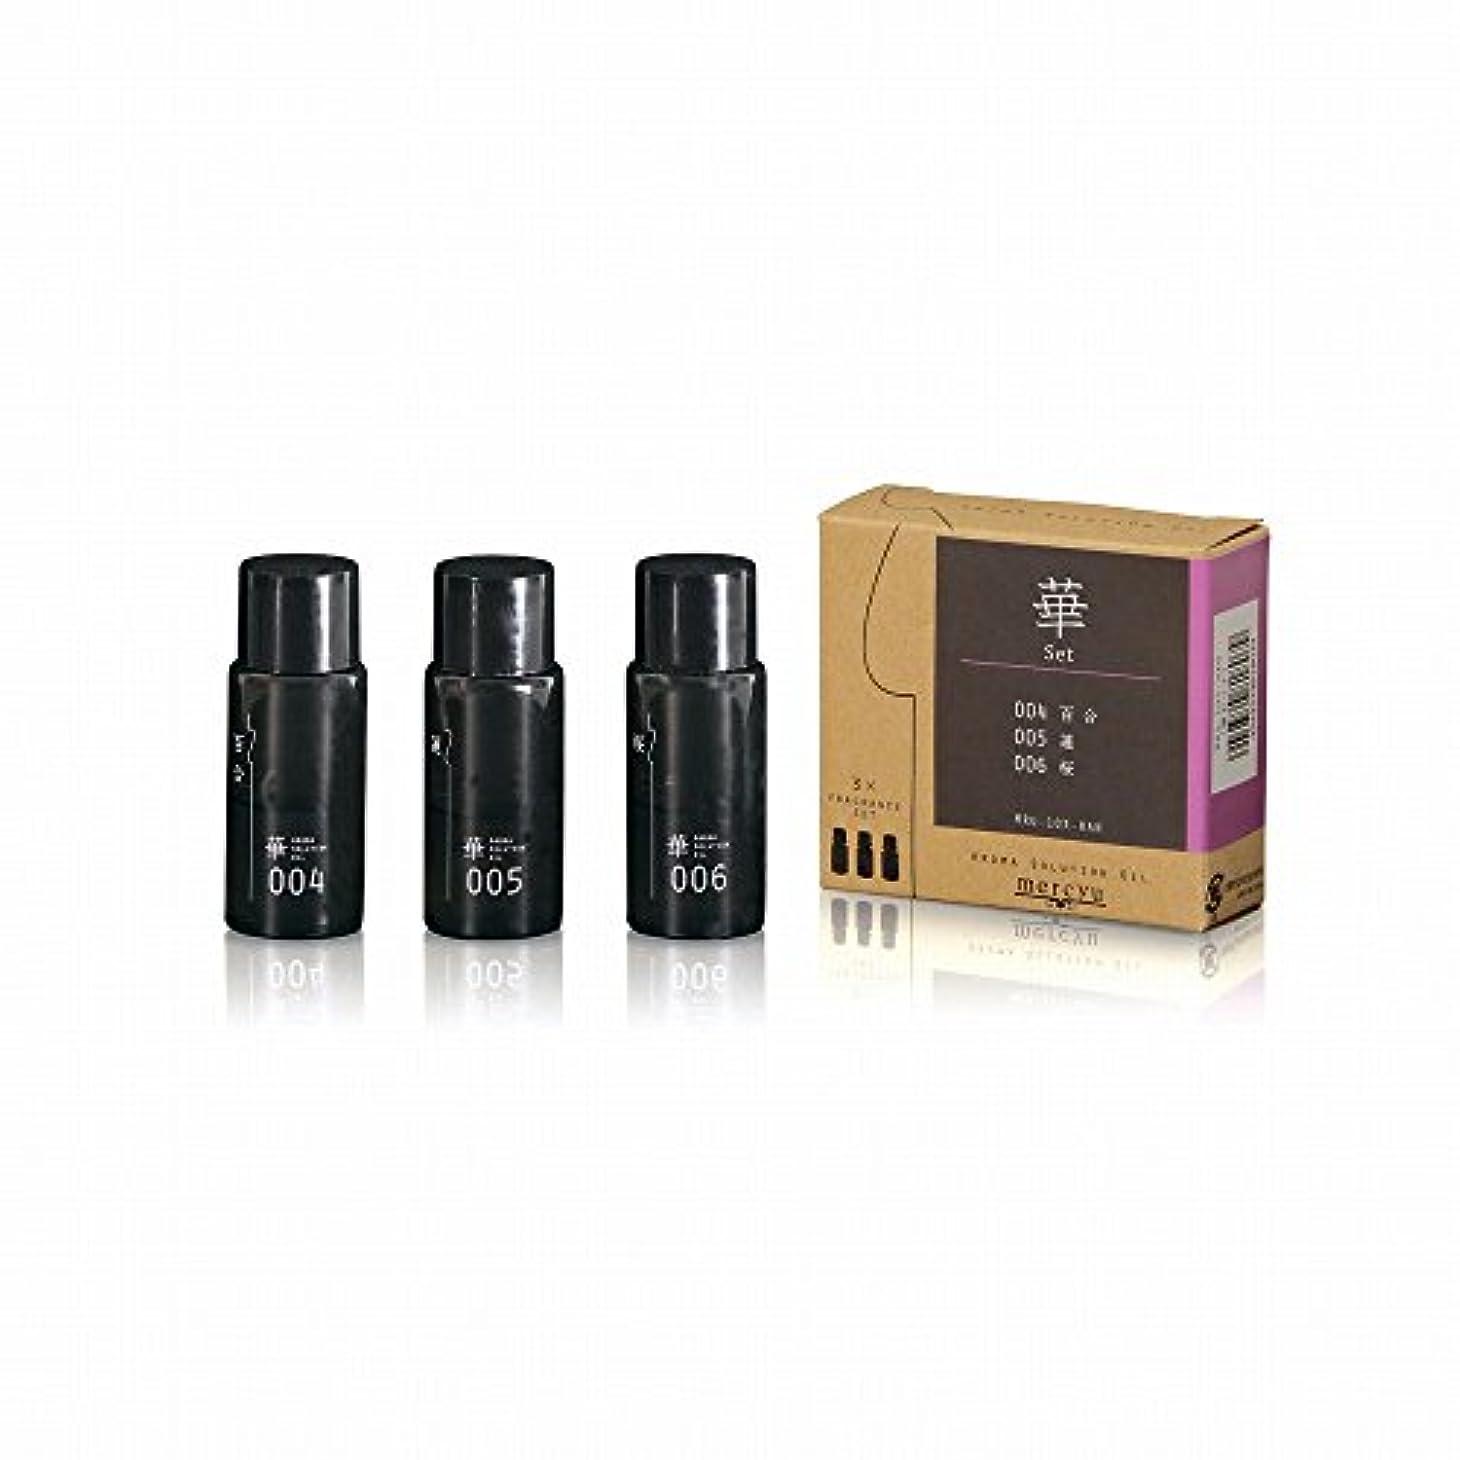 癒す自己尊重シンプルさmercyu(メルシーユー) アロマソリューションオイル 和の香り MRU-103 (華)